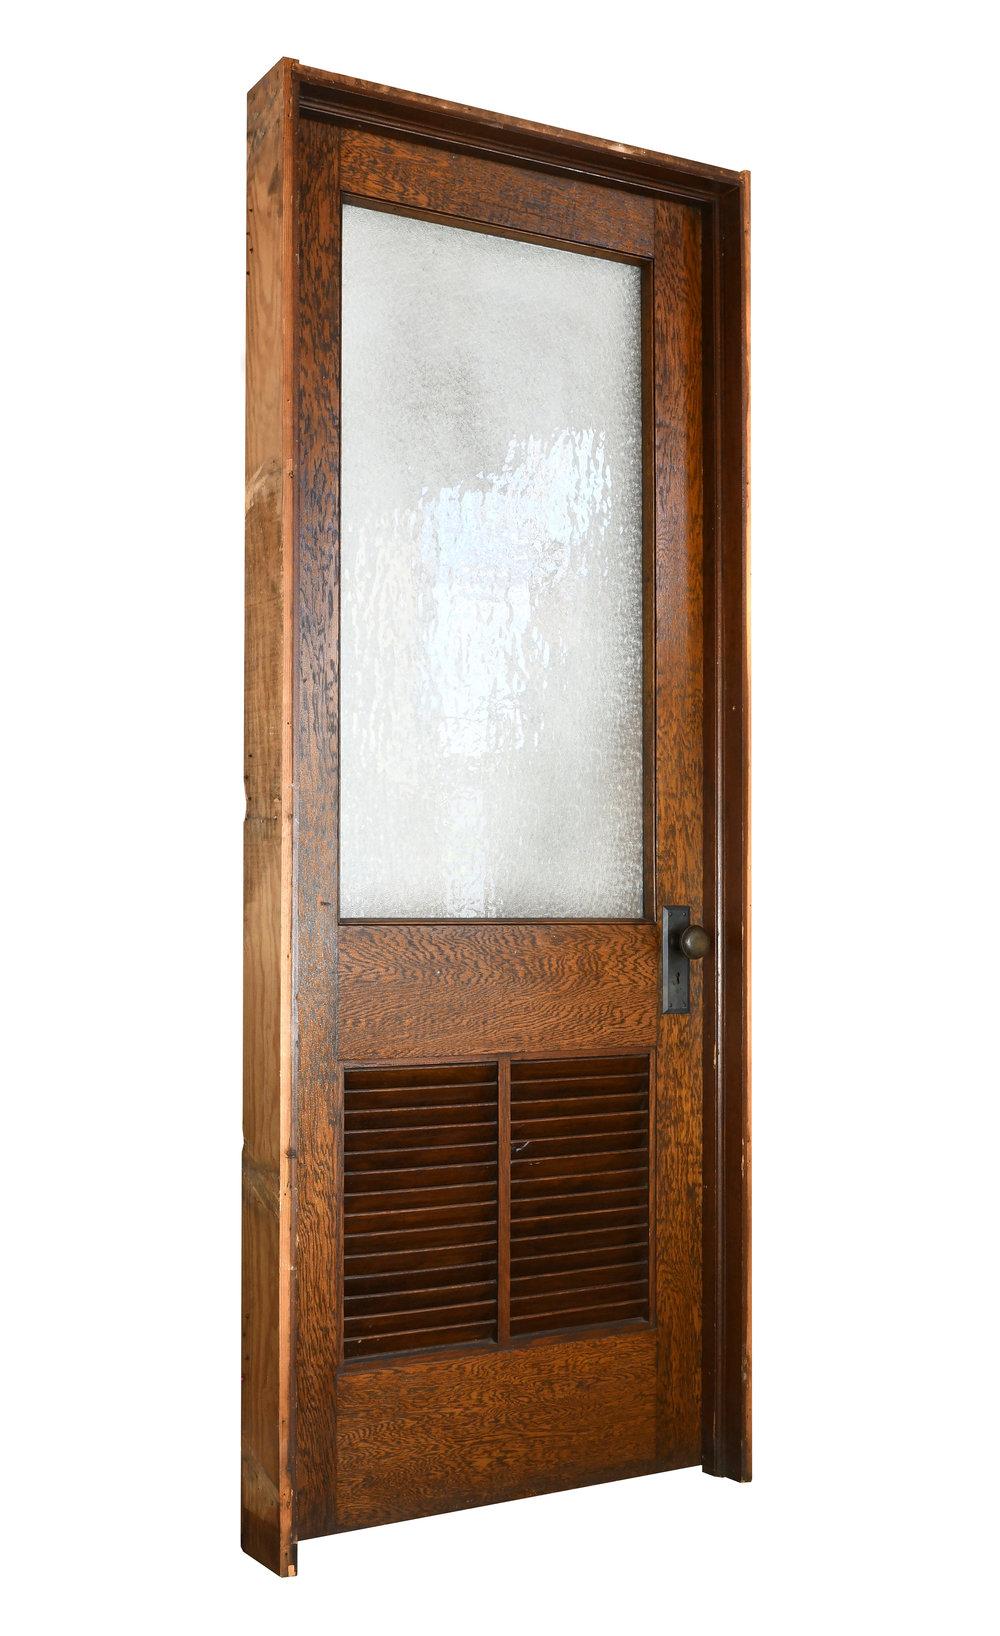 47639-oak-school-door-with-vent-ANGLE-VIEW.jpg